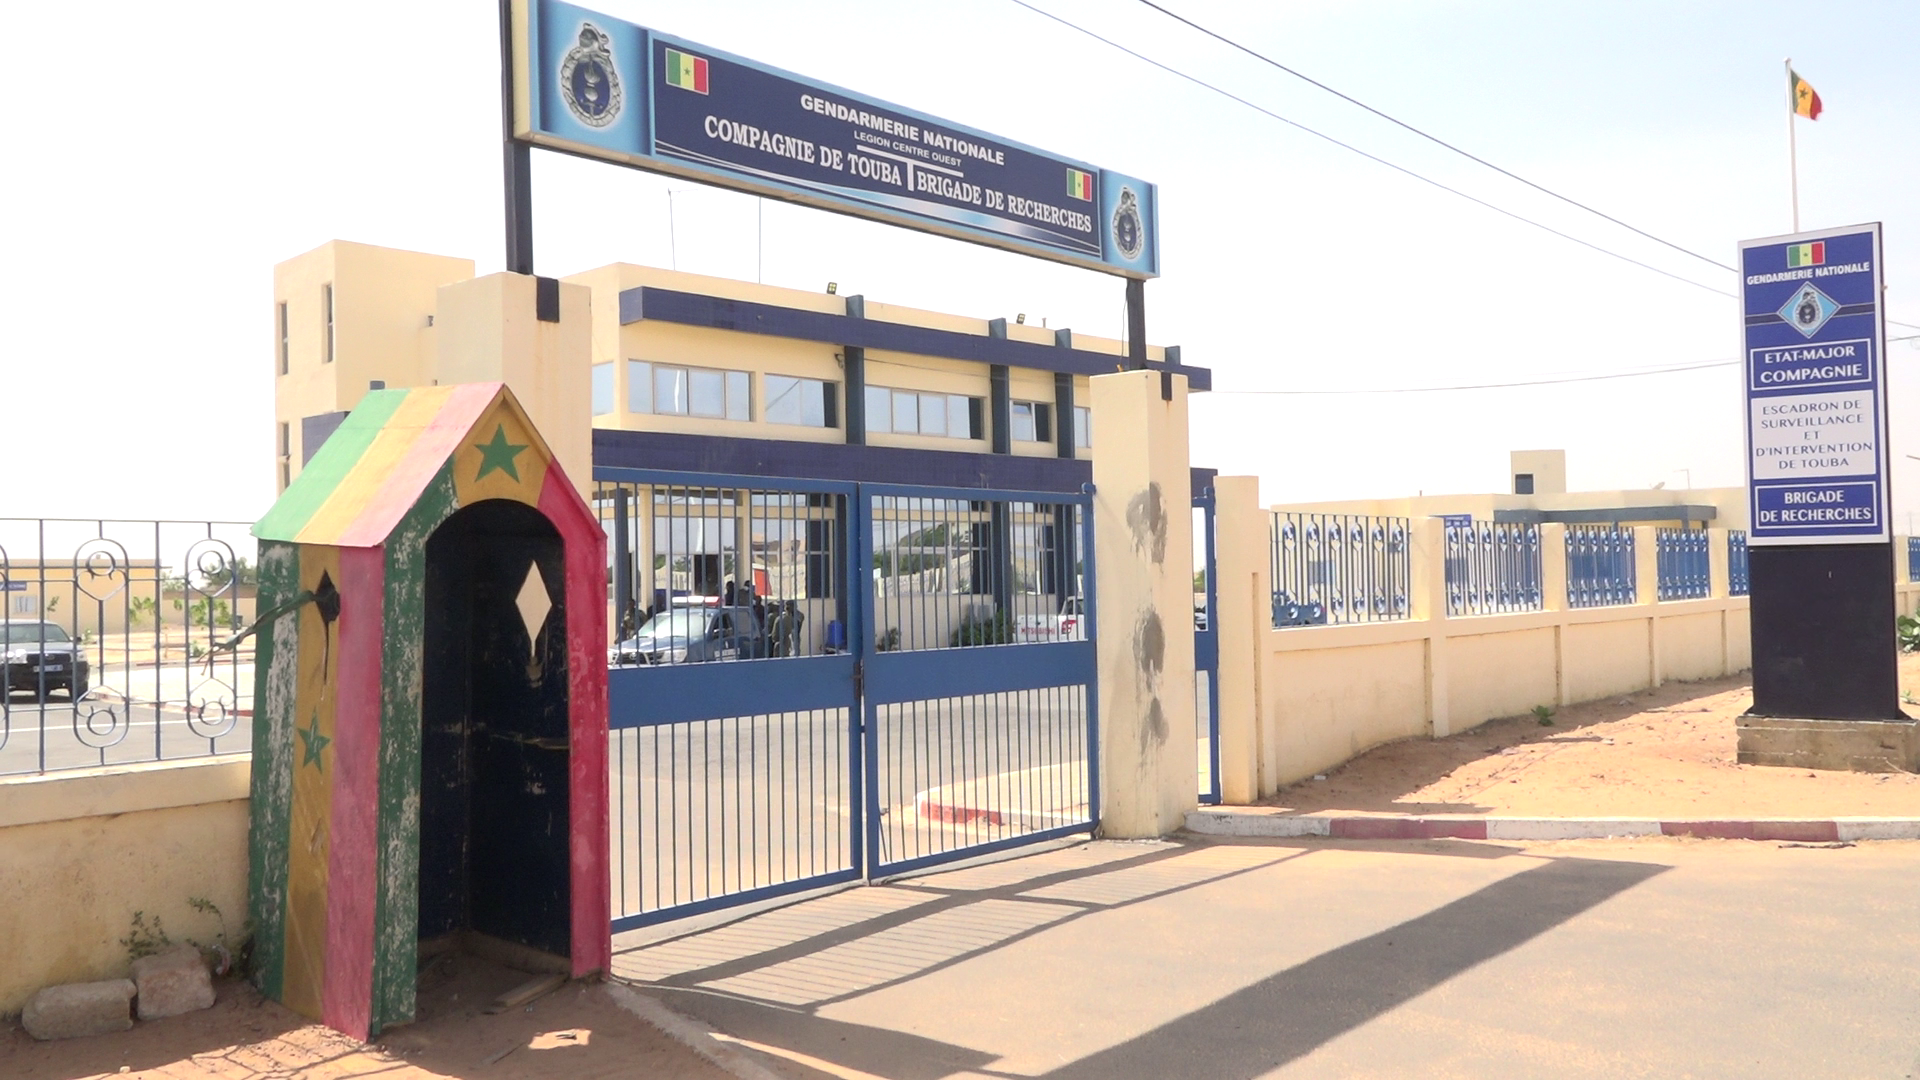 Braquages aux préjudices estimés à 200 millions de FCFA / la Gendarmerie arrête une bande criminelle (16 personnes) de dimension nationale : 5 fusils, 5 coupe-coupe et 3 pistolets saisis.